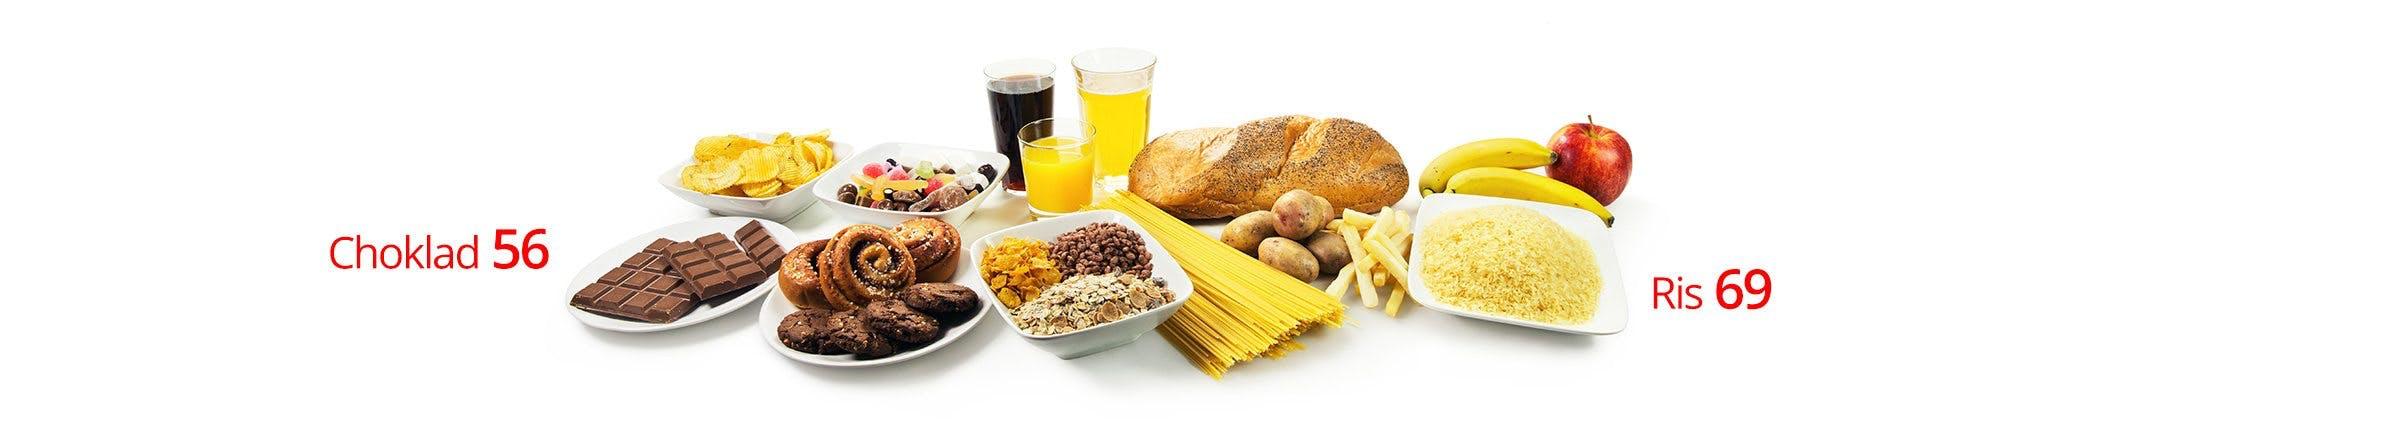 Grains, sugar, starches.